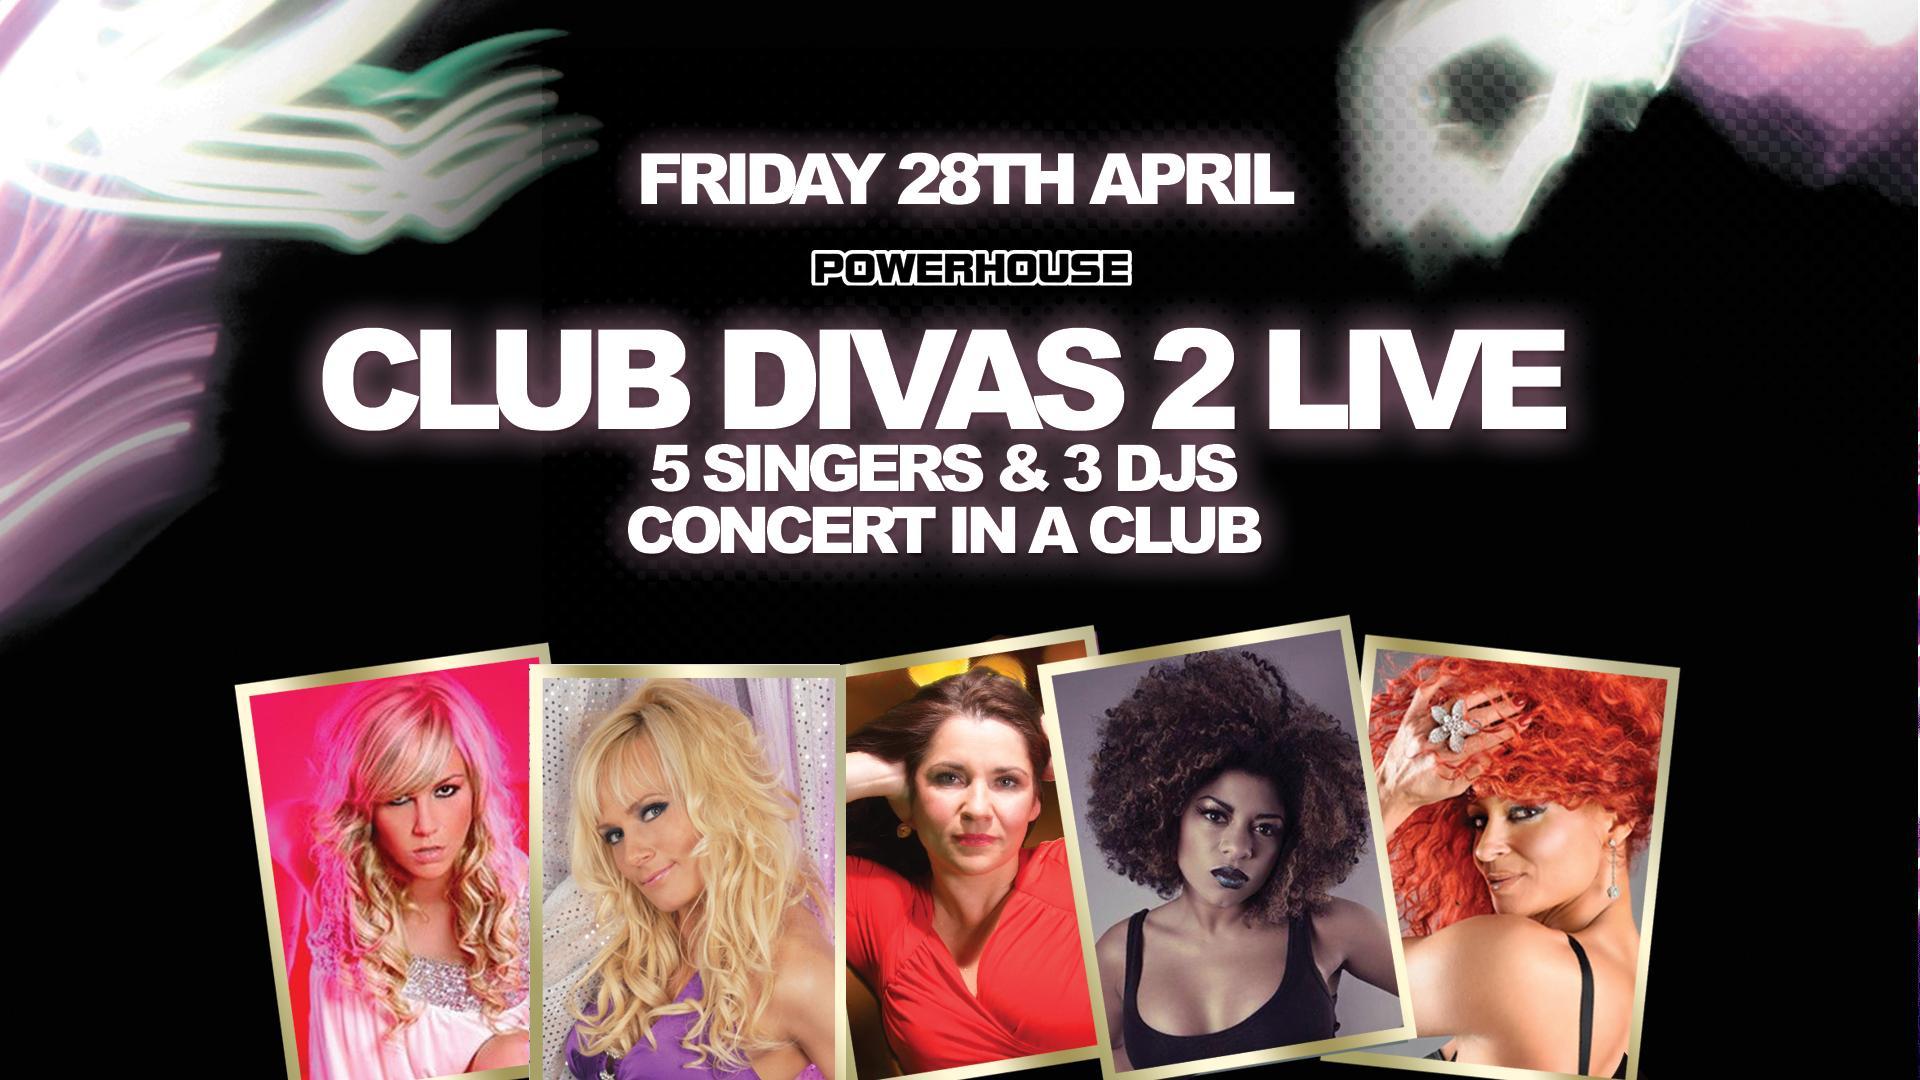 Club Divas 2 Live